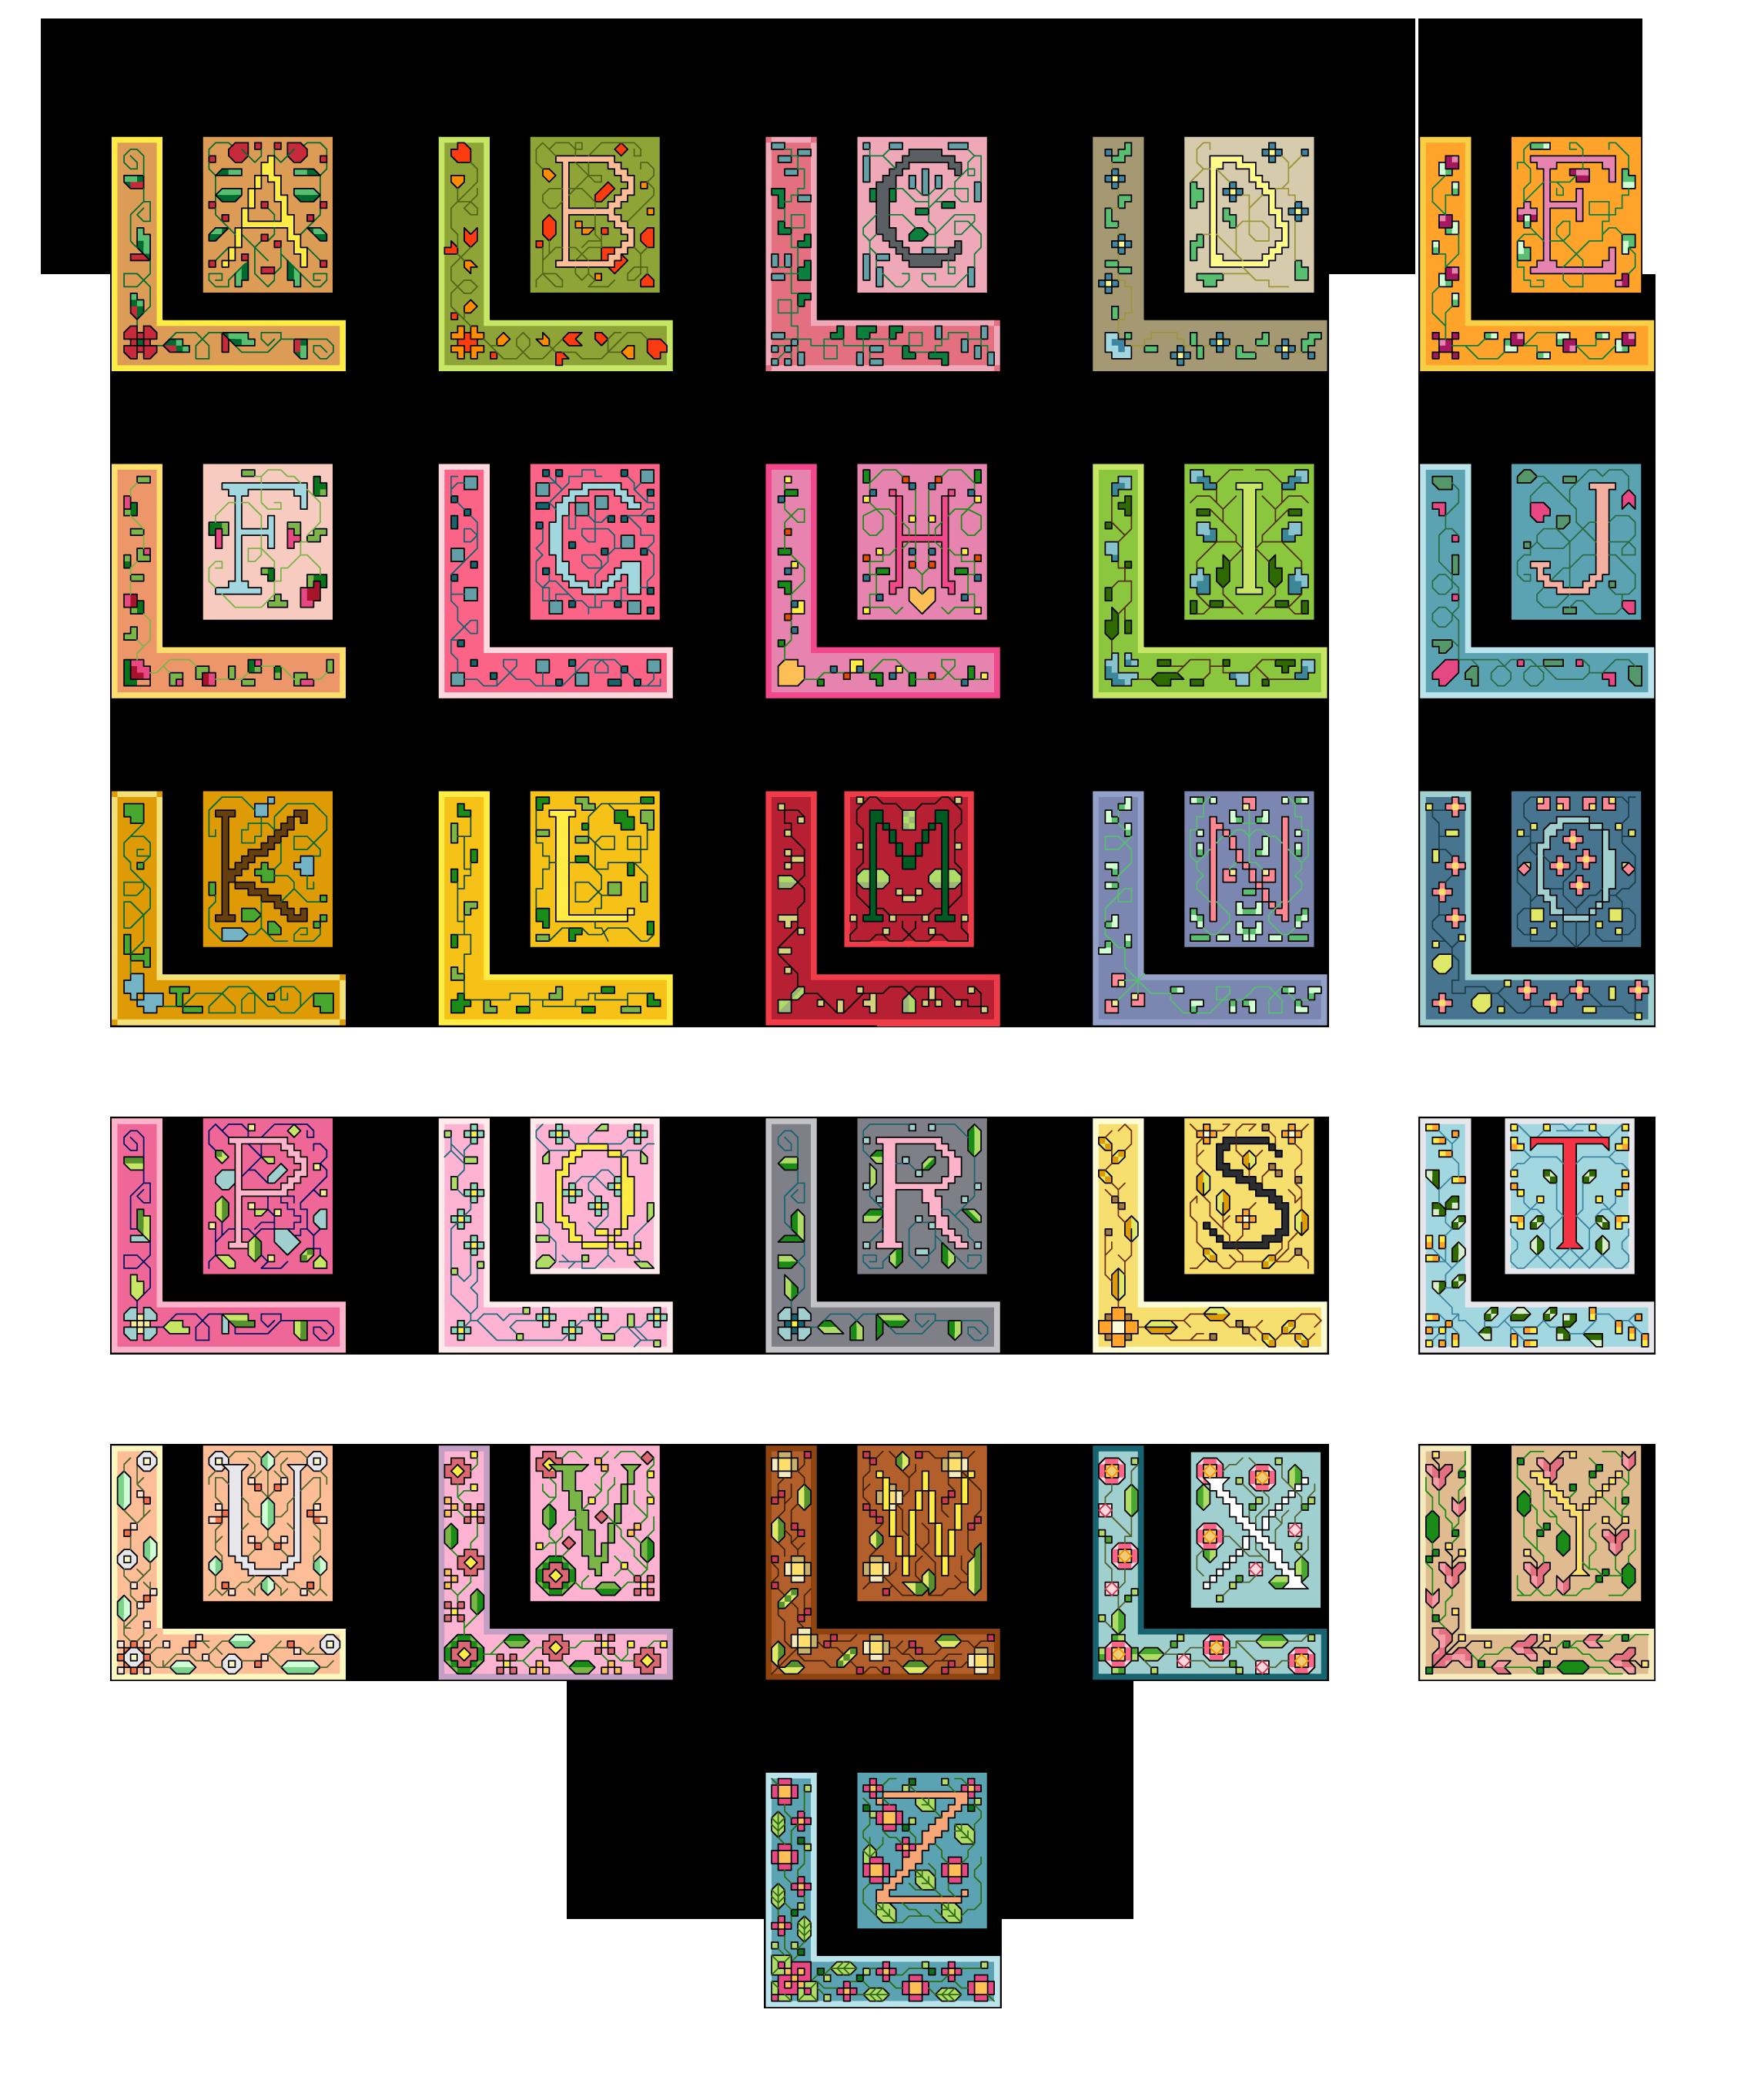 alfabeto maiuscolo con cornice doppia